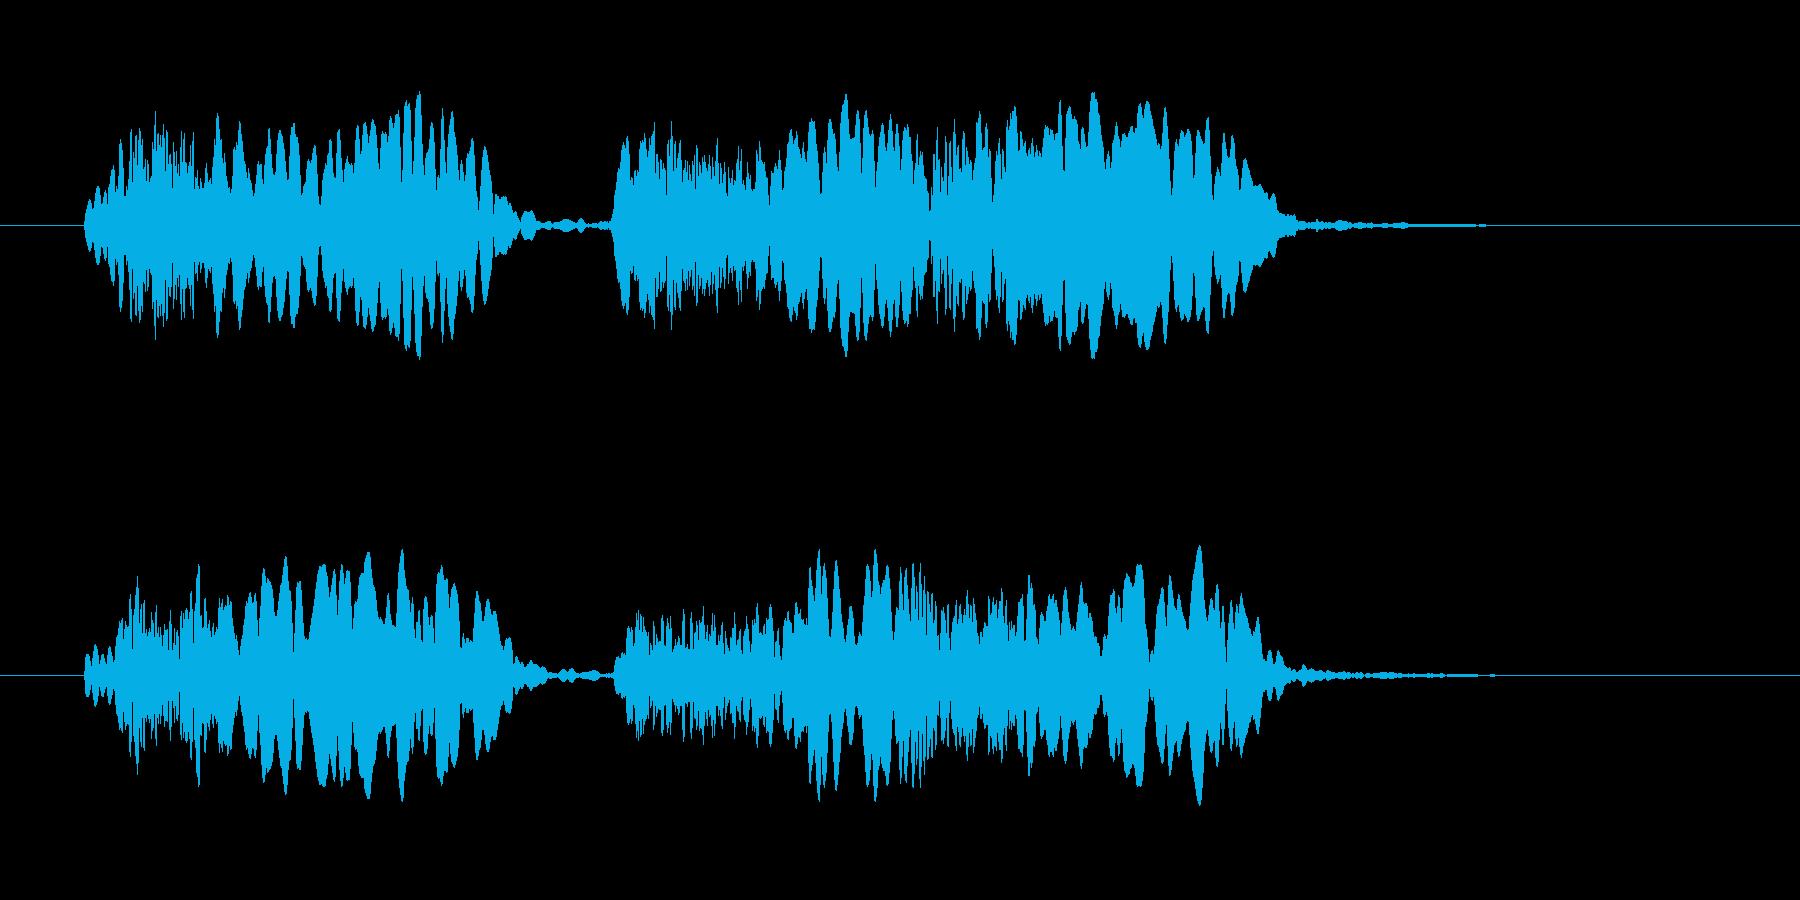 ちゃらりー、ちゃらりらりーらー合唱版の再生済みの波形